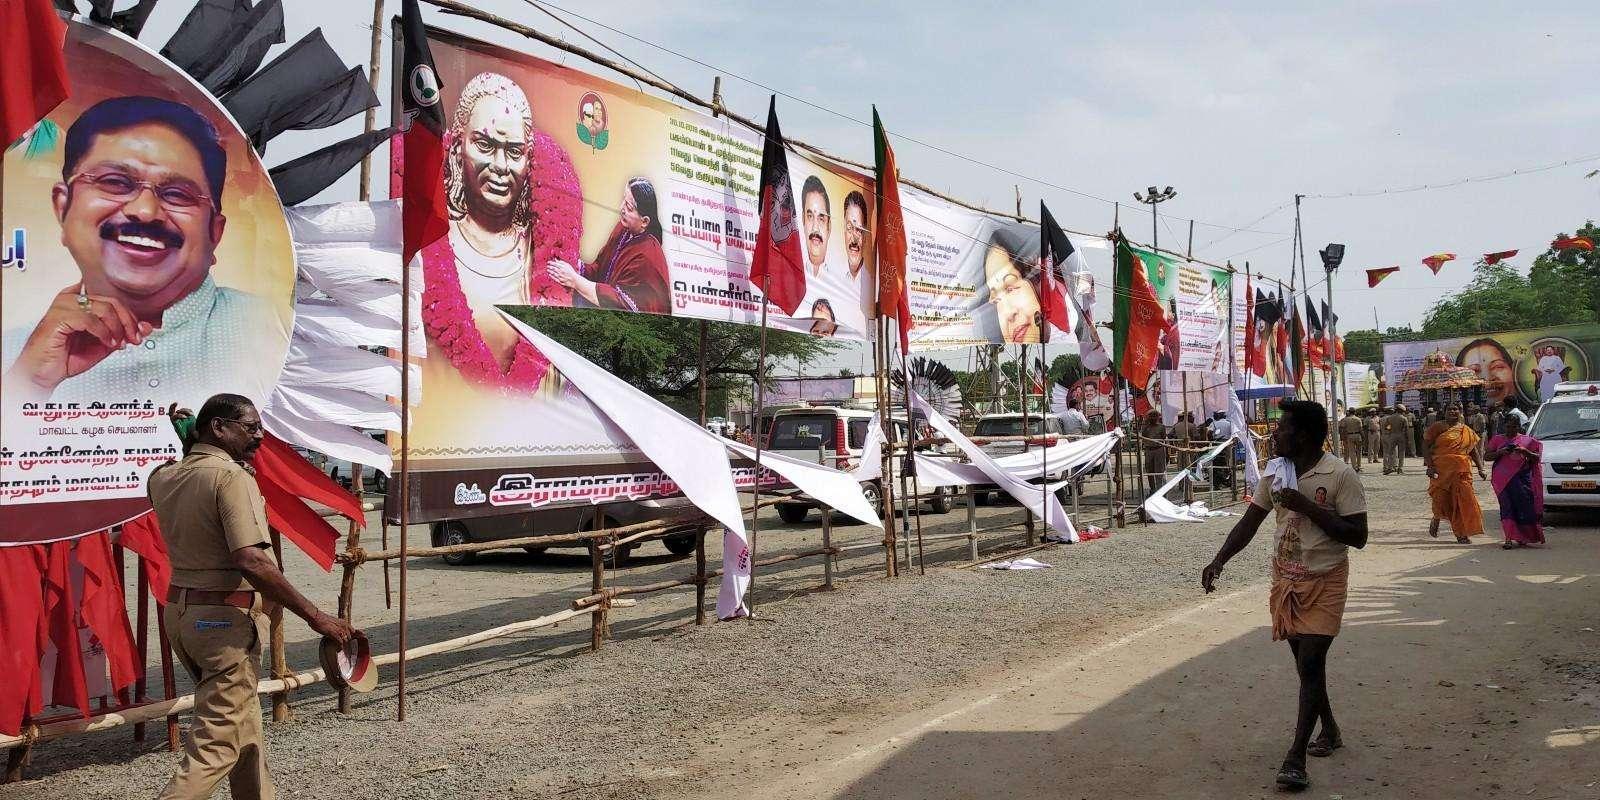 பசும்பொன்னில் சேதப்படுத்தப்பட்ட அதிமுக பேனர்கள்